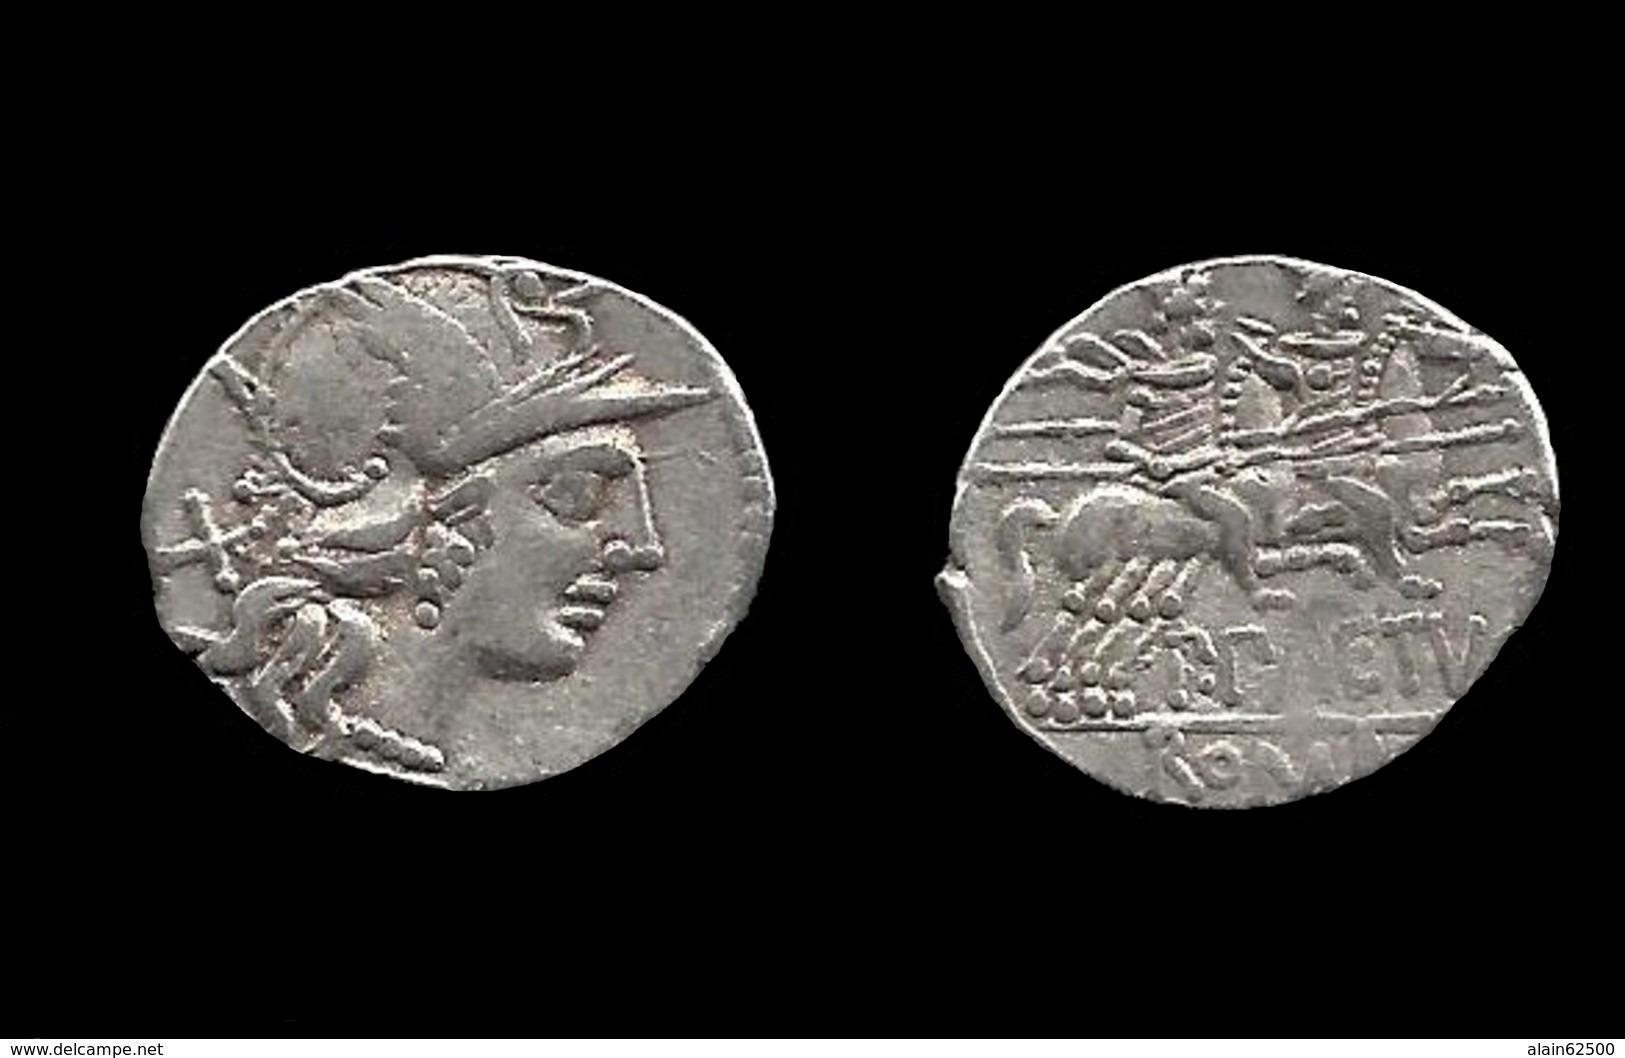 pompey and crassus relationship goals